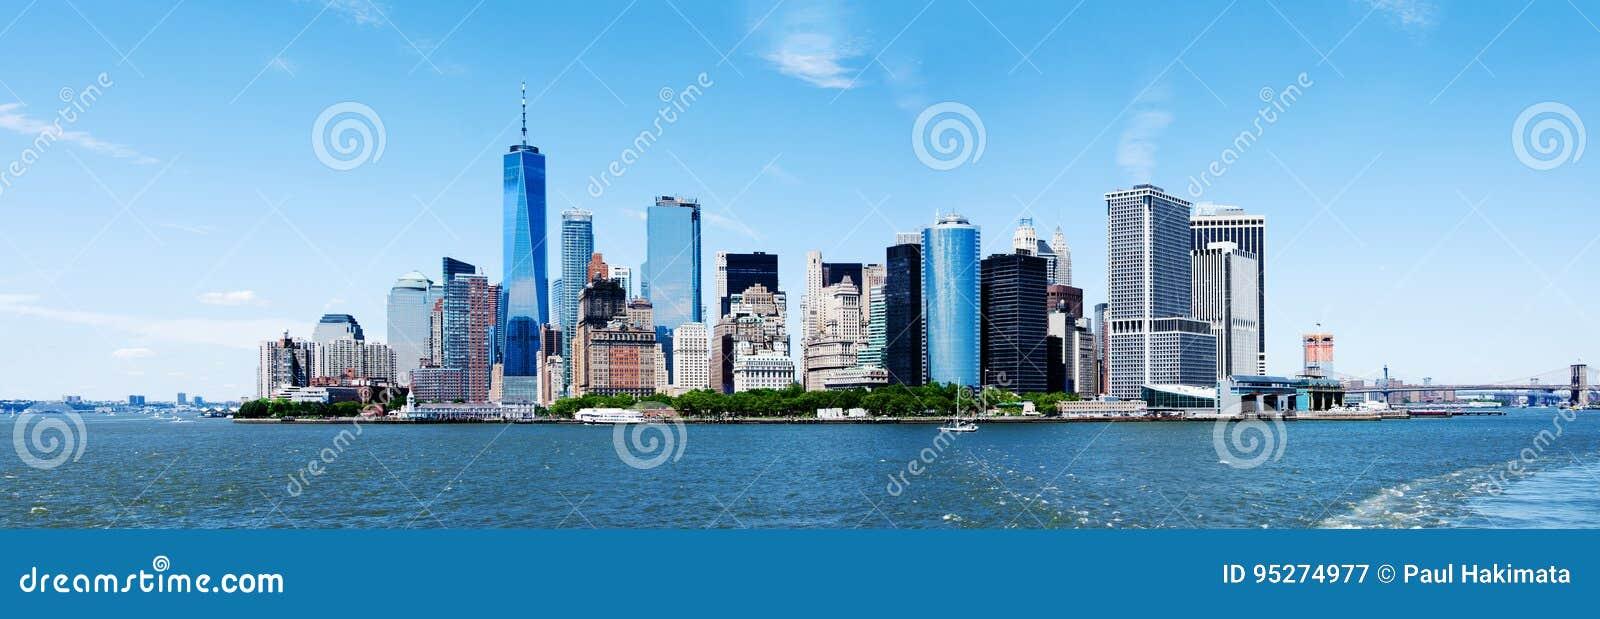 Van de Stadsmanhattan van panoramanew york de Horizon en Freedom Tower